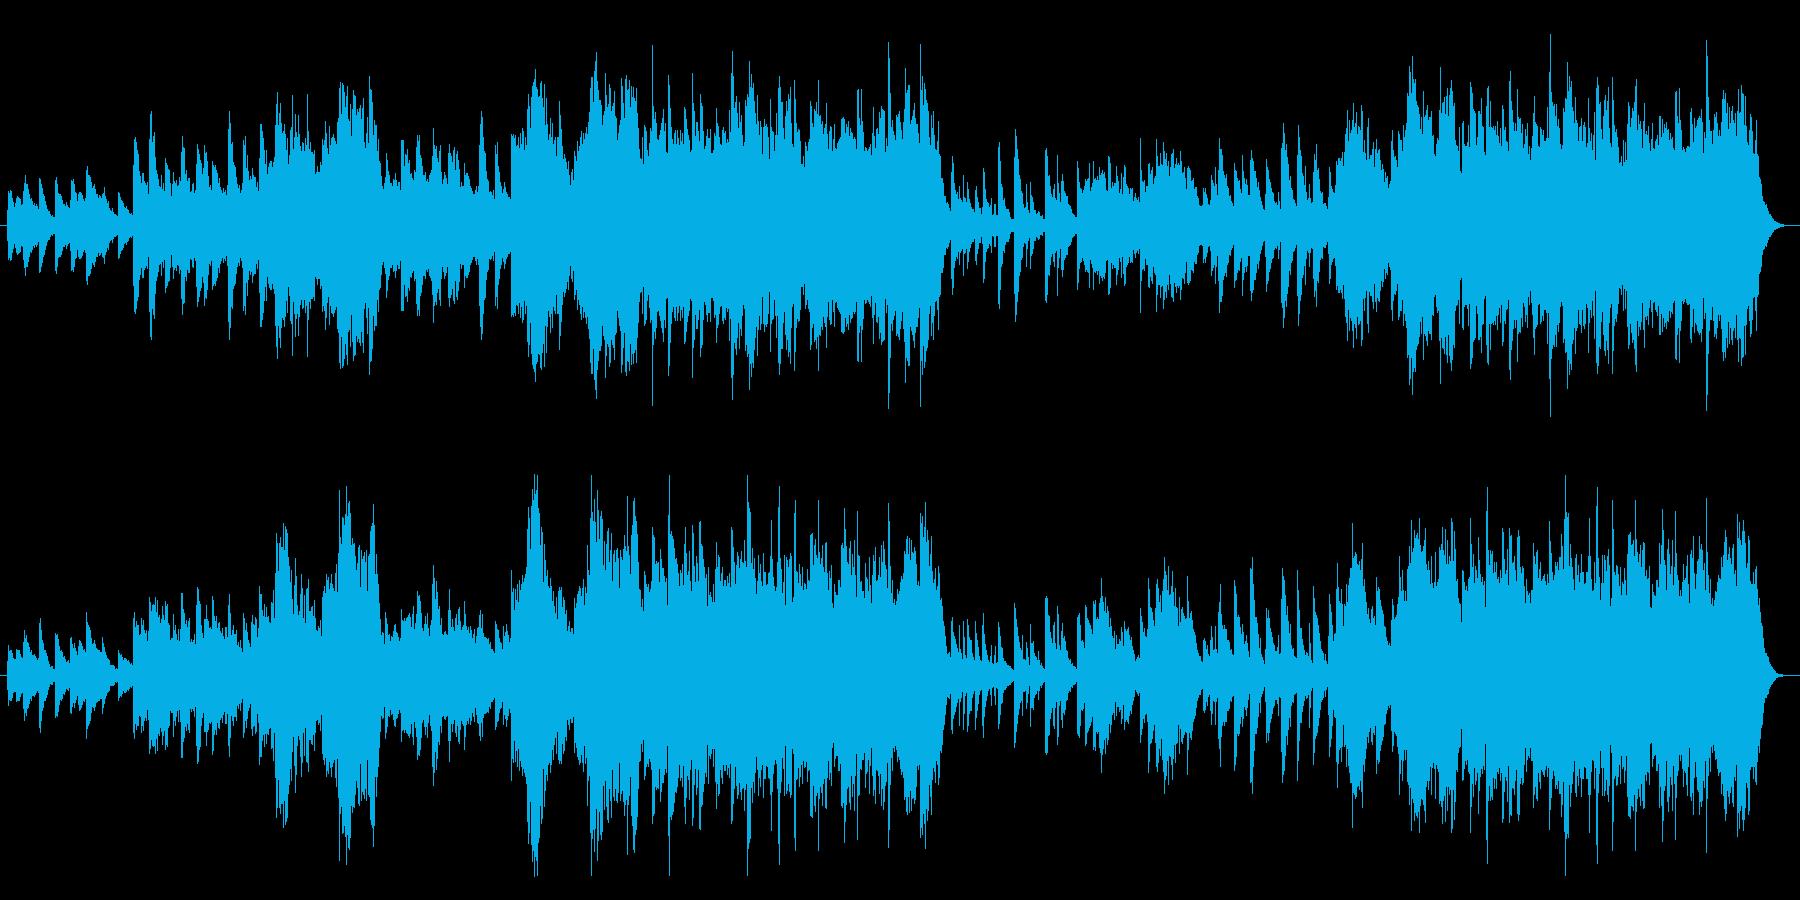 [和風] 弦と木管 古都 緑茶 清流 の再生済みの波形